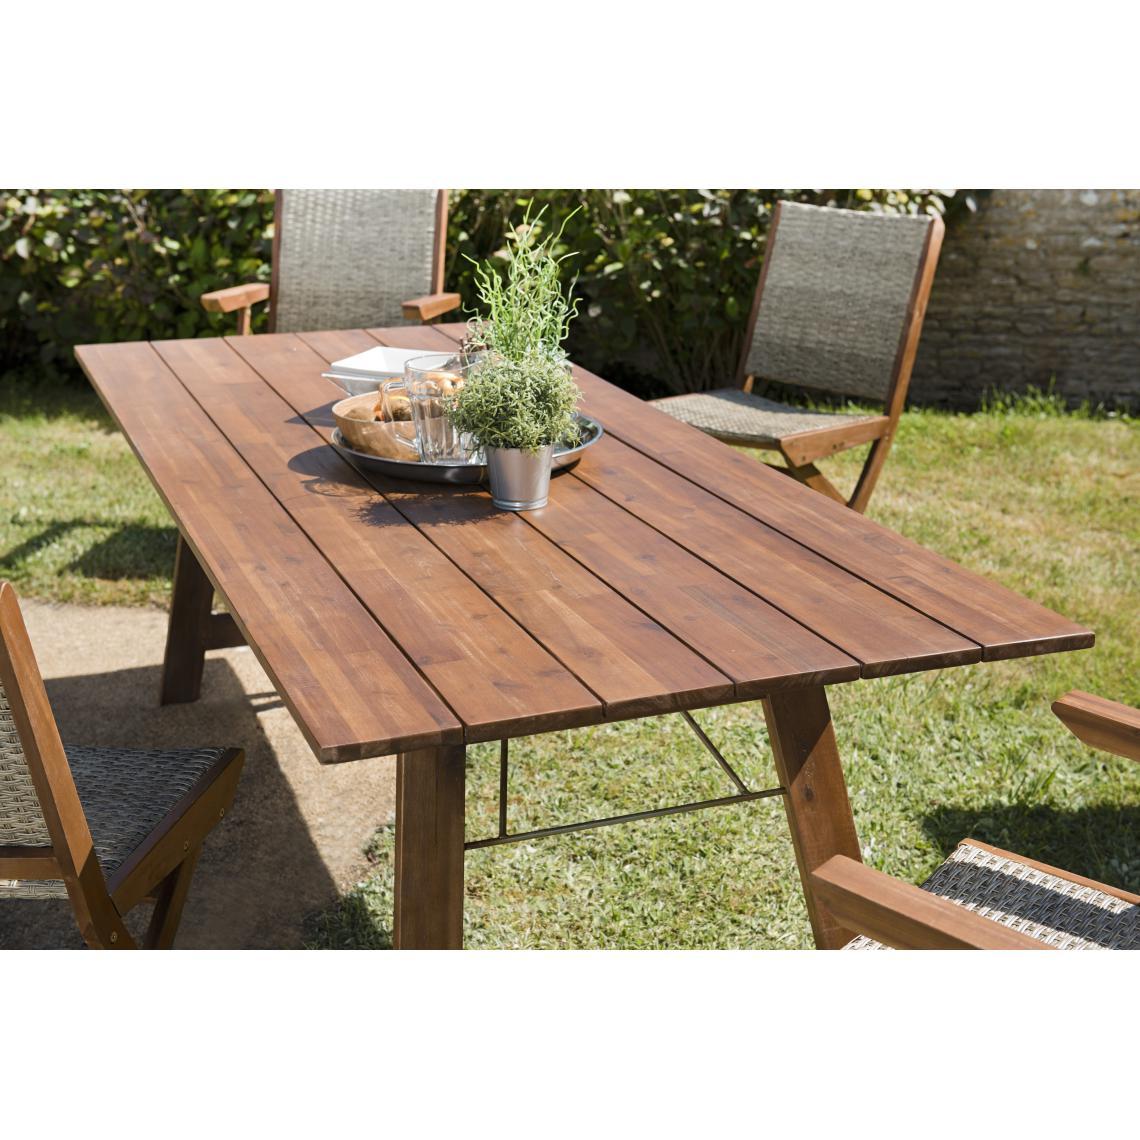 Table Rectangulaire Pliante 220x90cm En Acacia 3 Suisses